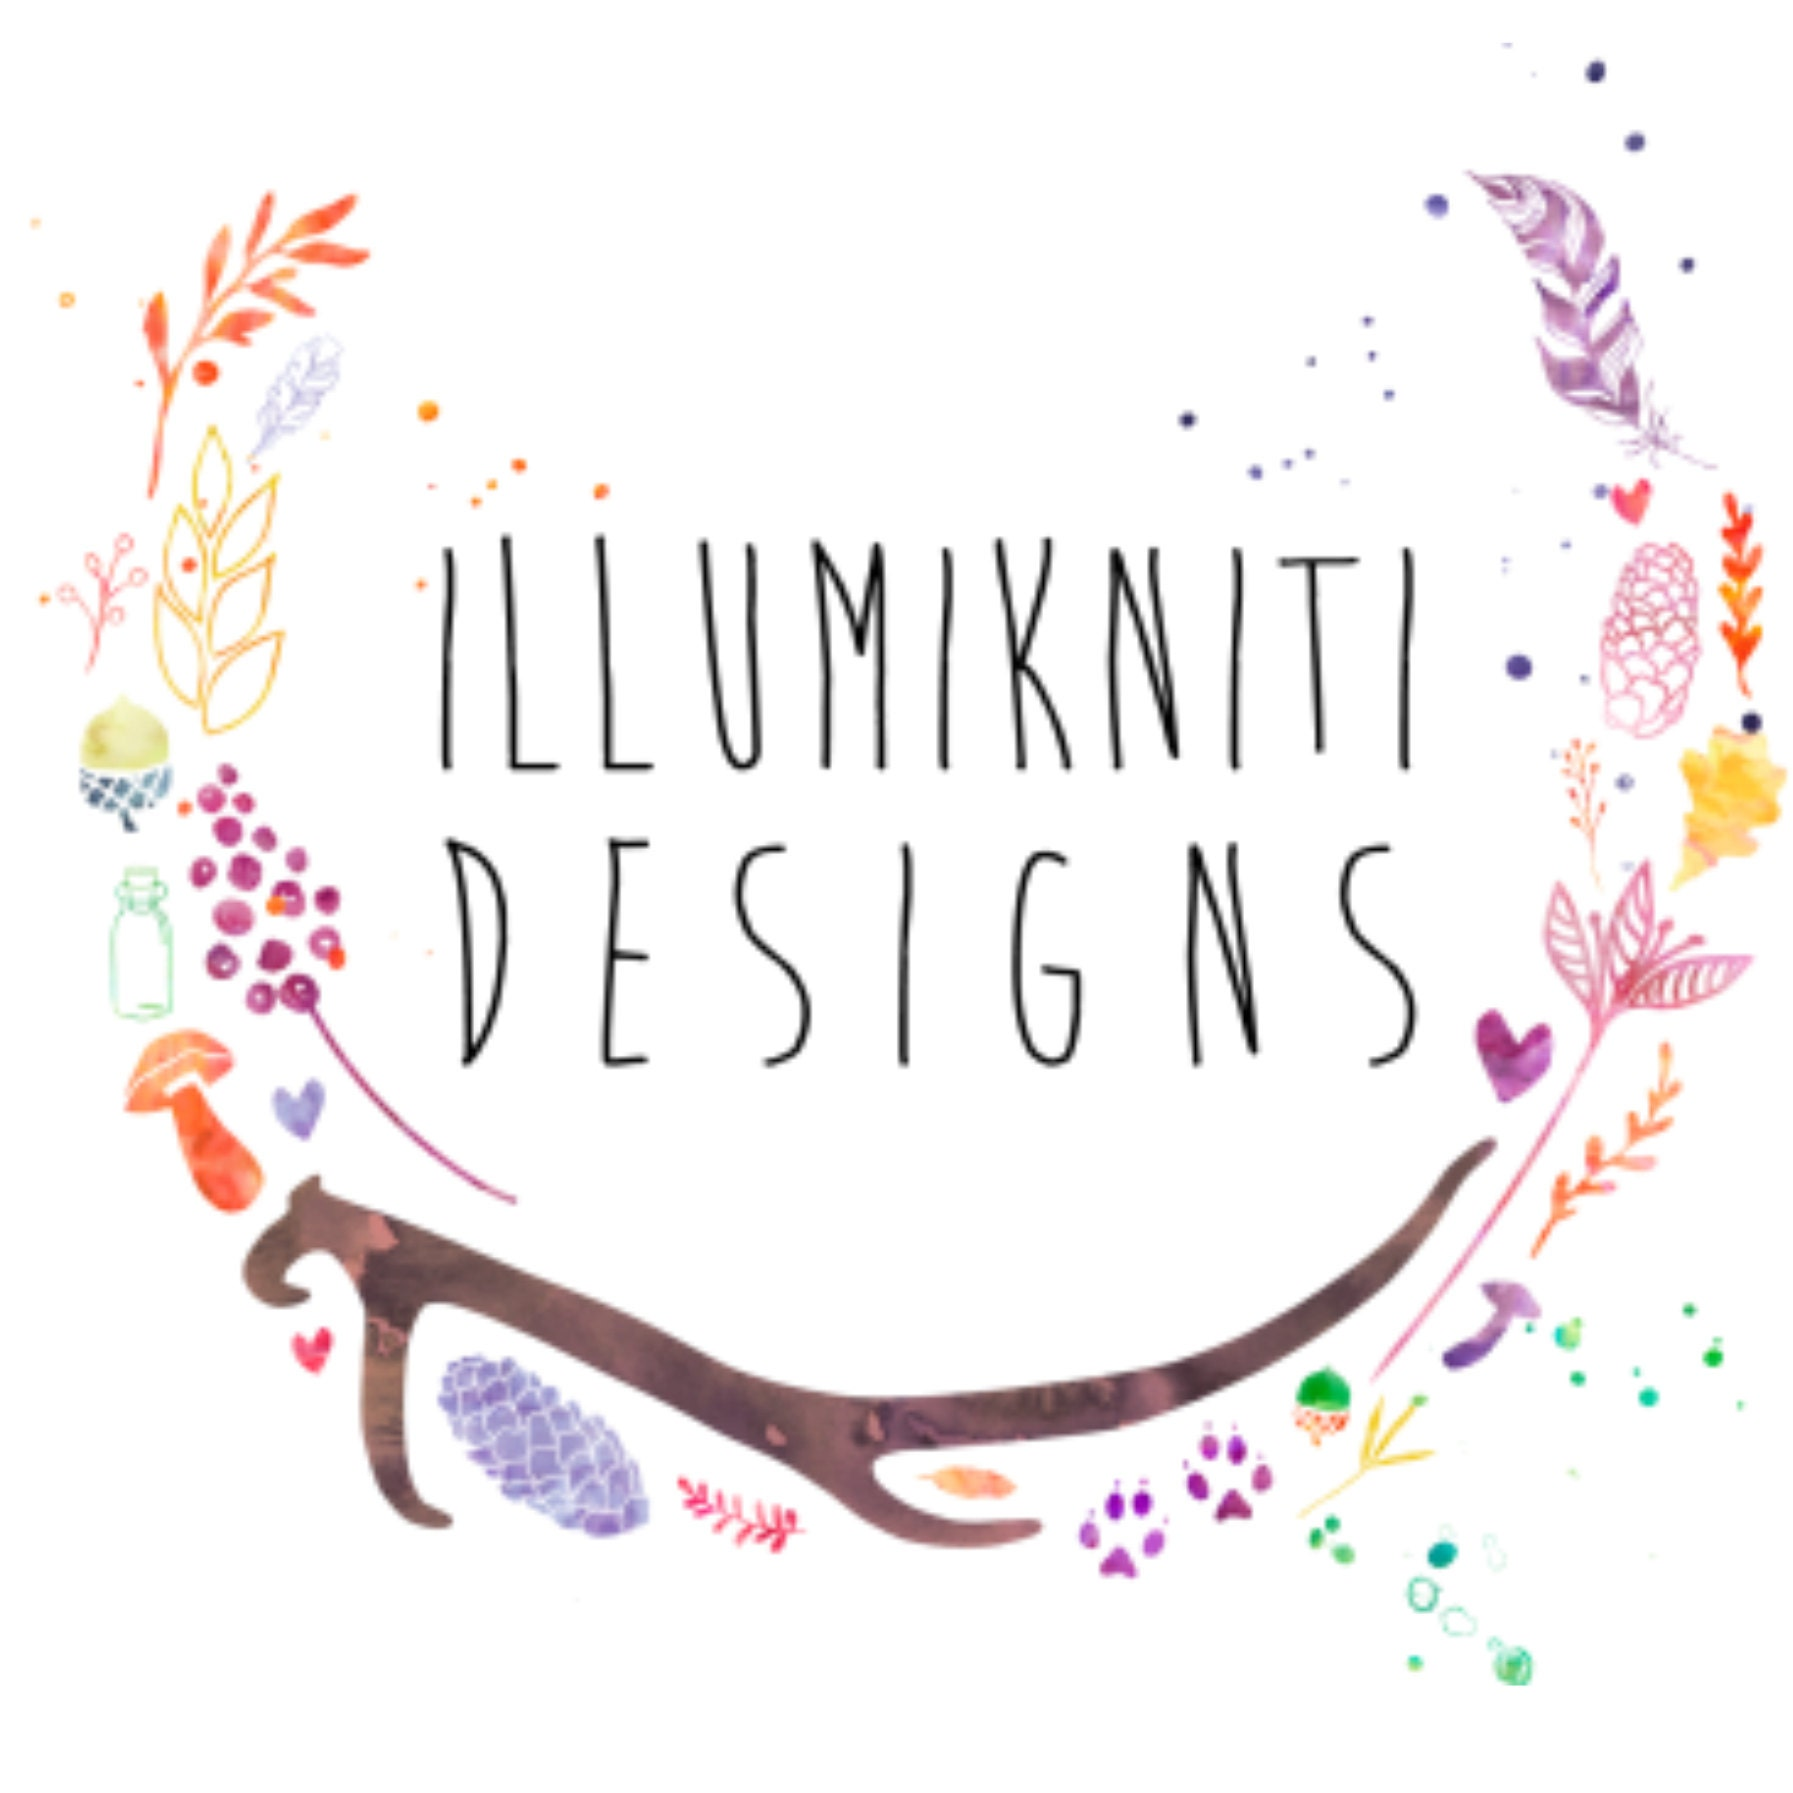 illumiknitiDesign